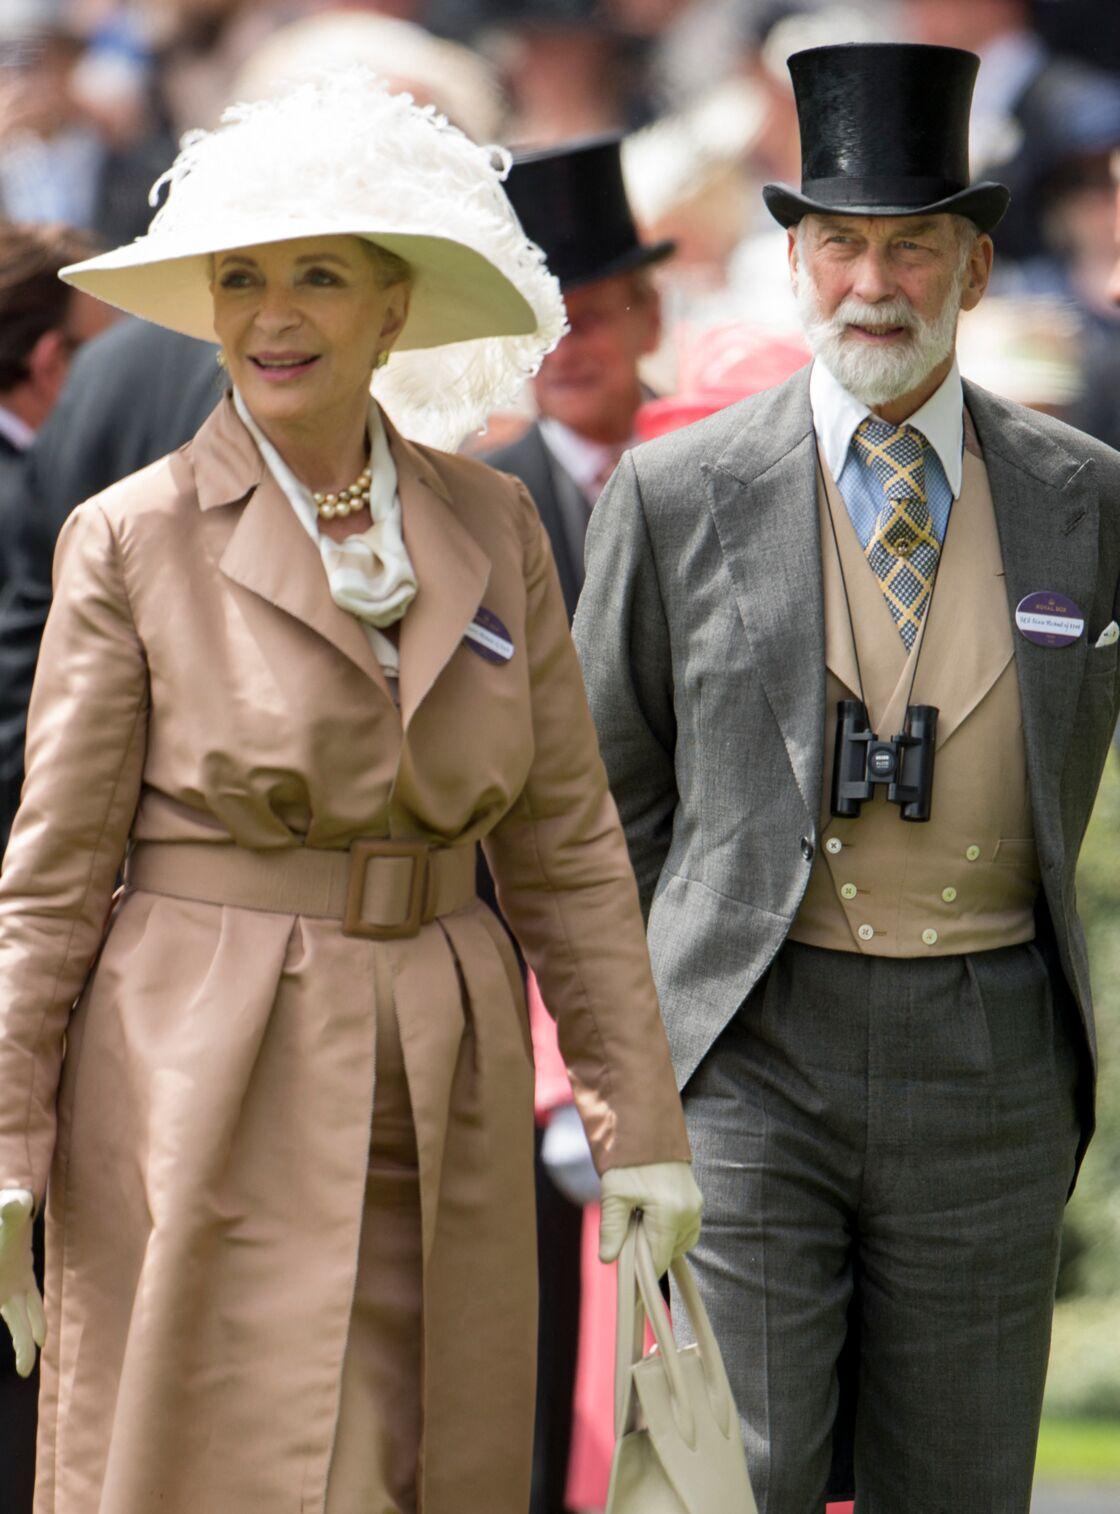 Le prince Michael de Kent, fils de George Kent, et son épouse Marie-Christine von Reibnitz, princesse Michael de Kent lors du quatrième jour des courses hippiques